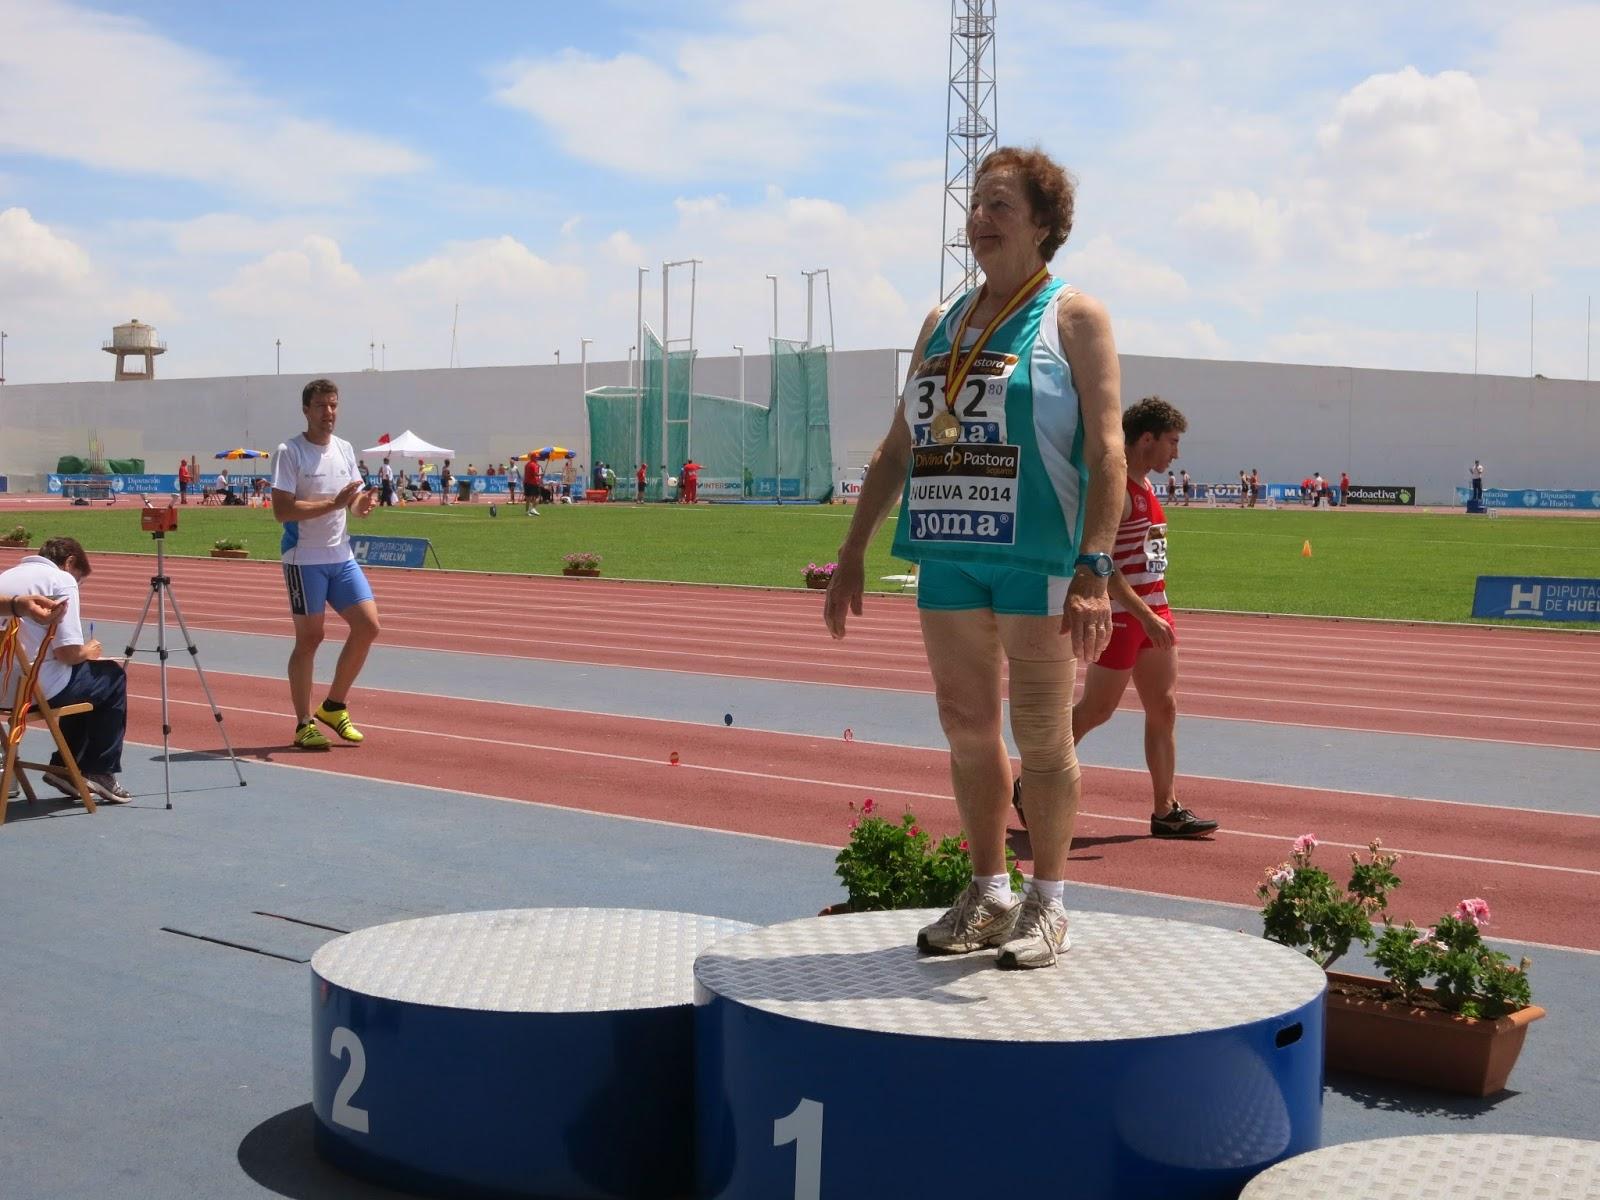 eba10f93b6d4 atletismo y algo más: #Fotosdeatletismo. 11579. #Recuerdosaño2015 ...